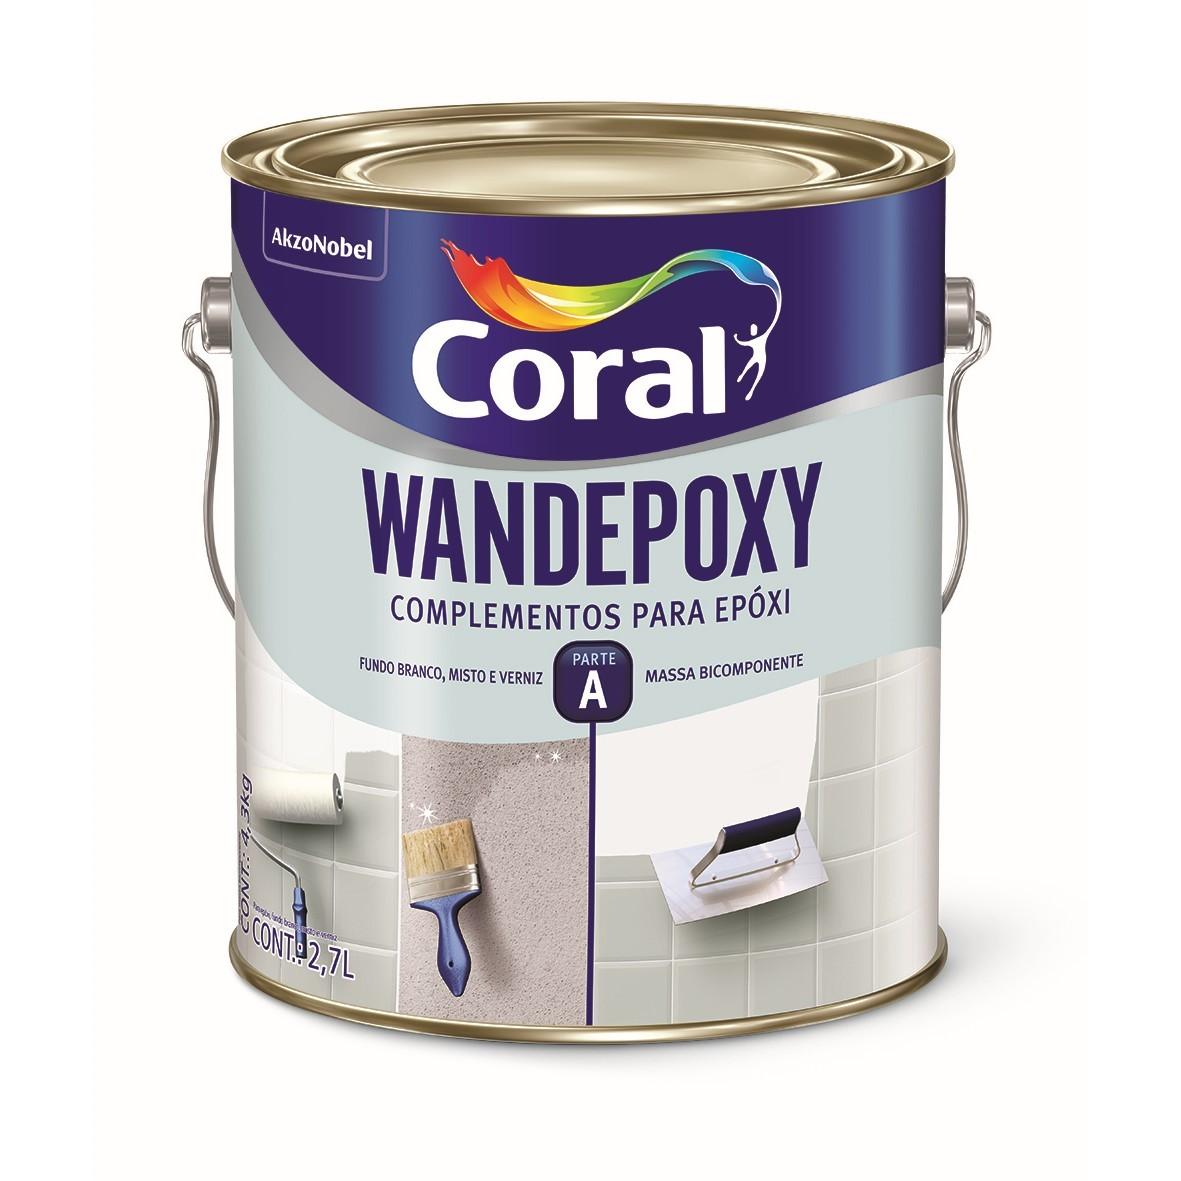 Tinta Epoxi Brilhante Premium 27L - Cinza - Wandepoxy Coral